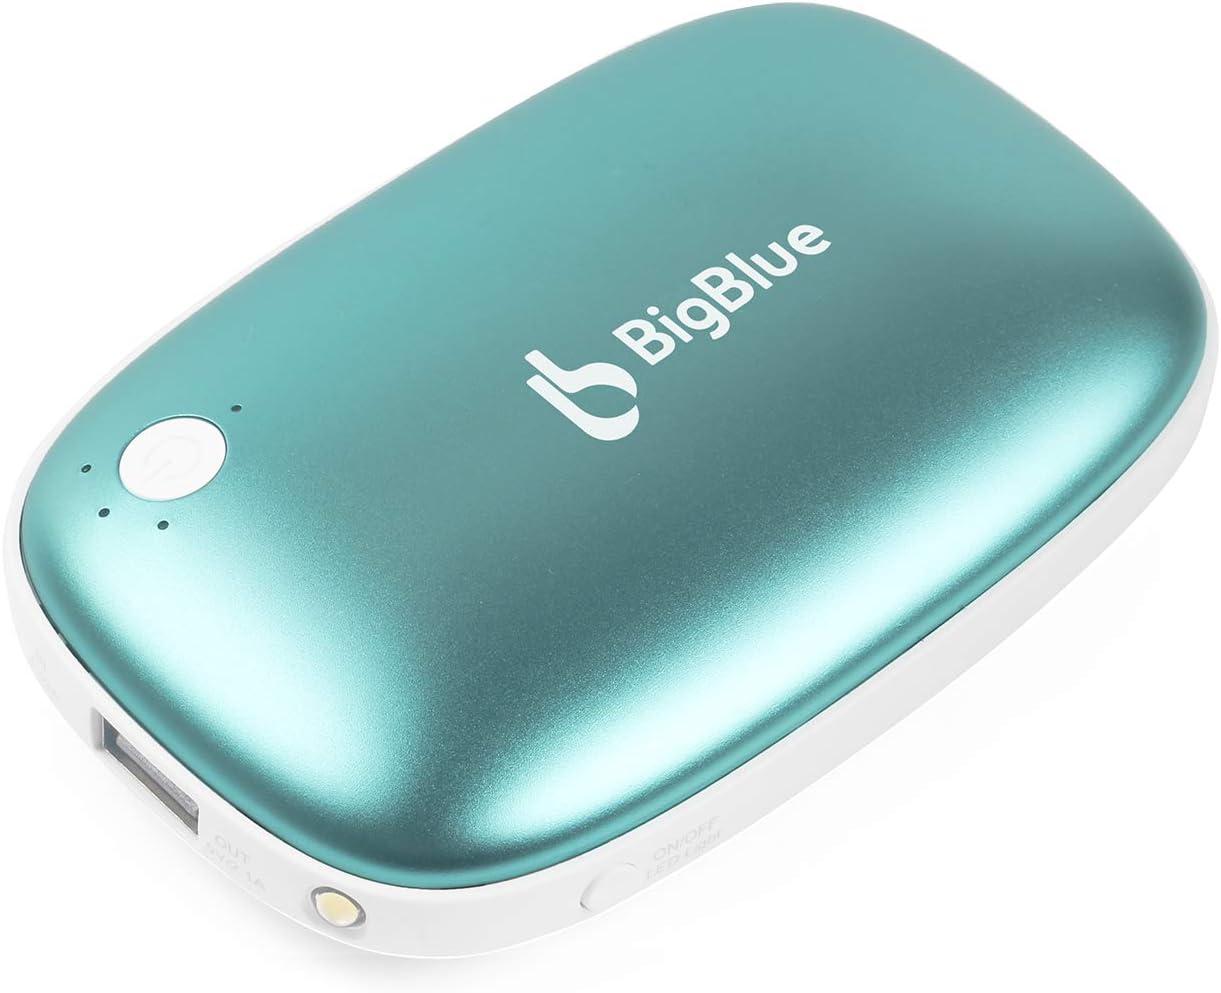 Calienta Manos Reutilizables Grandes Regalos para Exterior Calientamanos Recargables 5200mAh USB Banco de Energ/ía Calentadores Mano El/éctricos Calentador Bolsillo Calefactor de Manos Azul